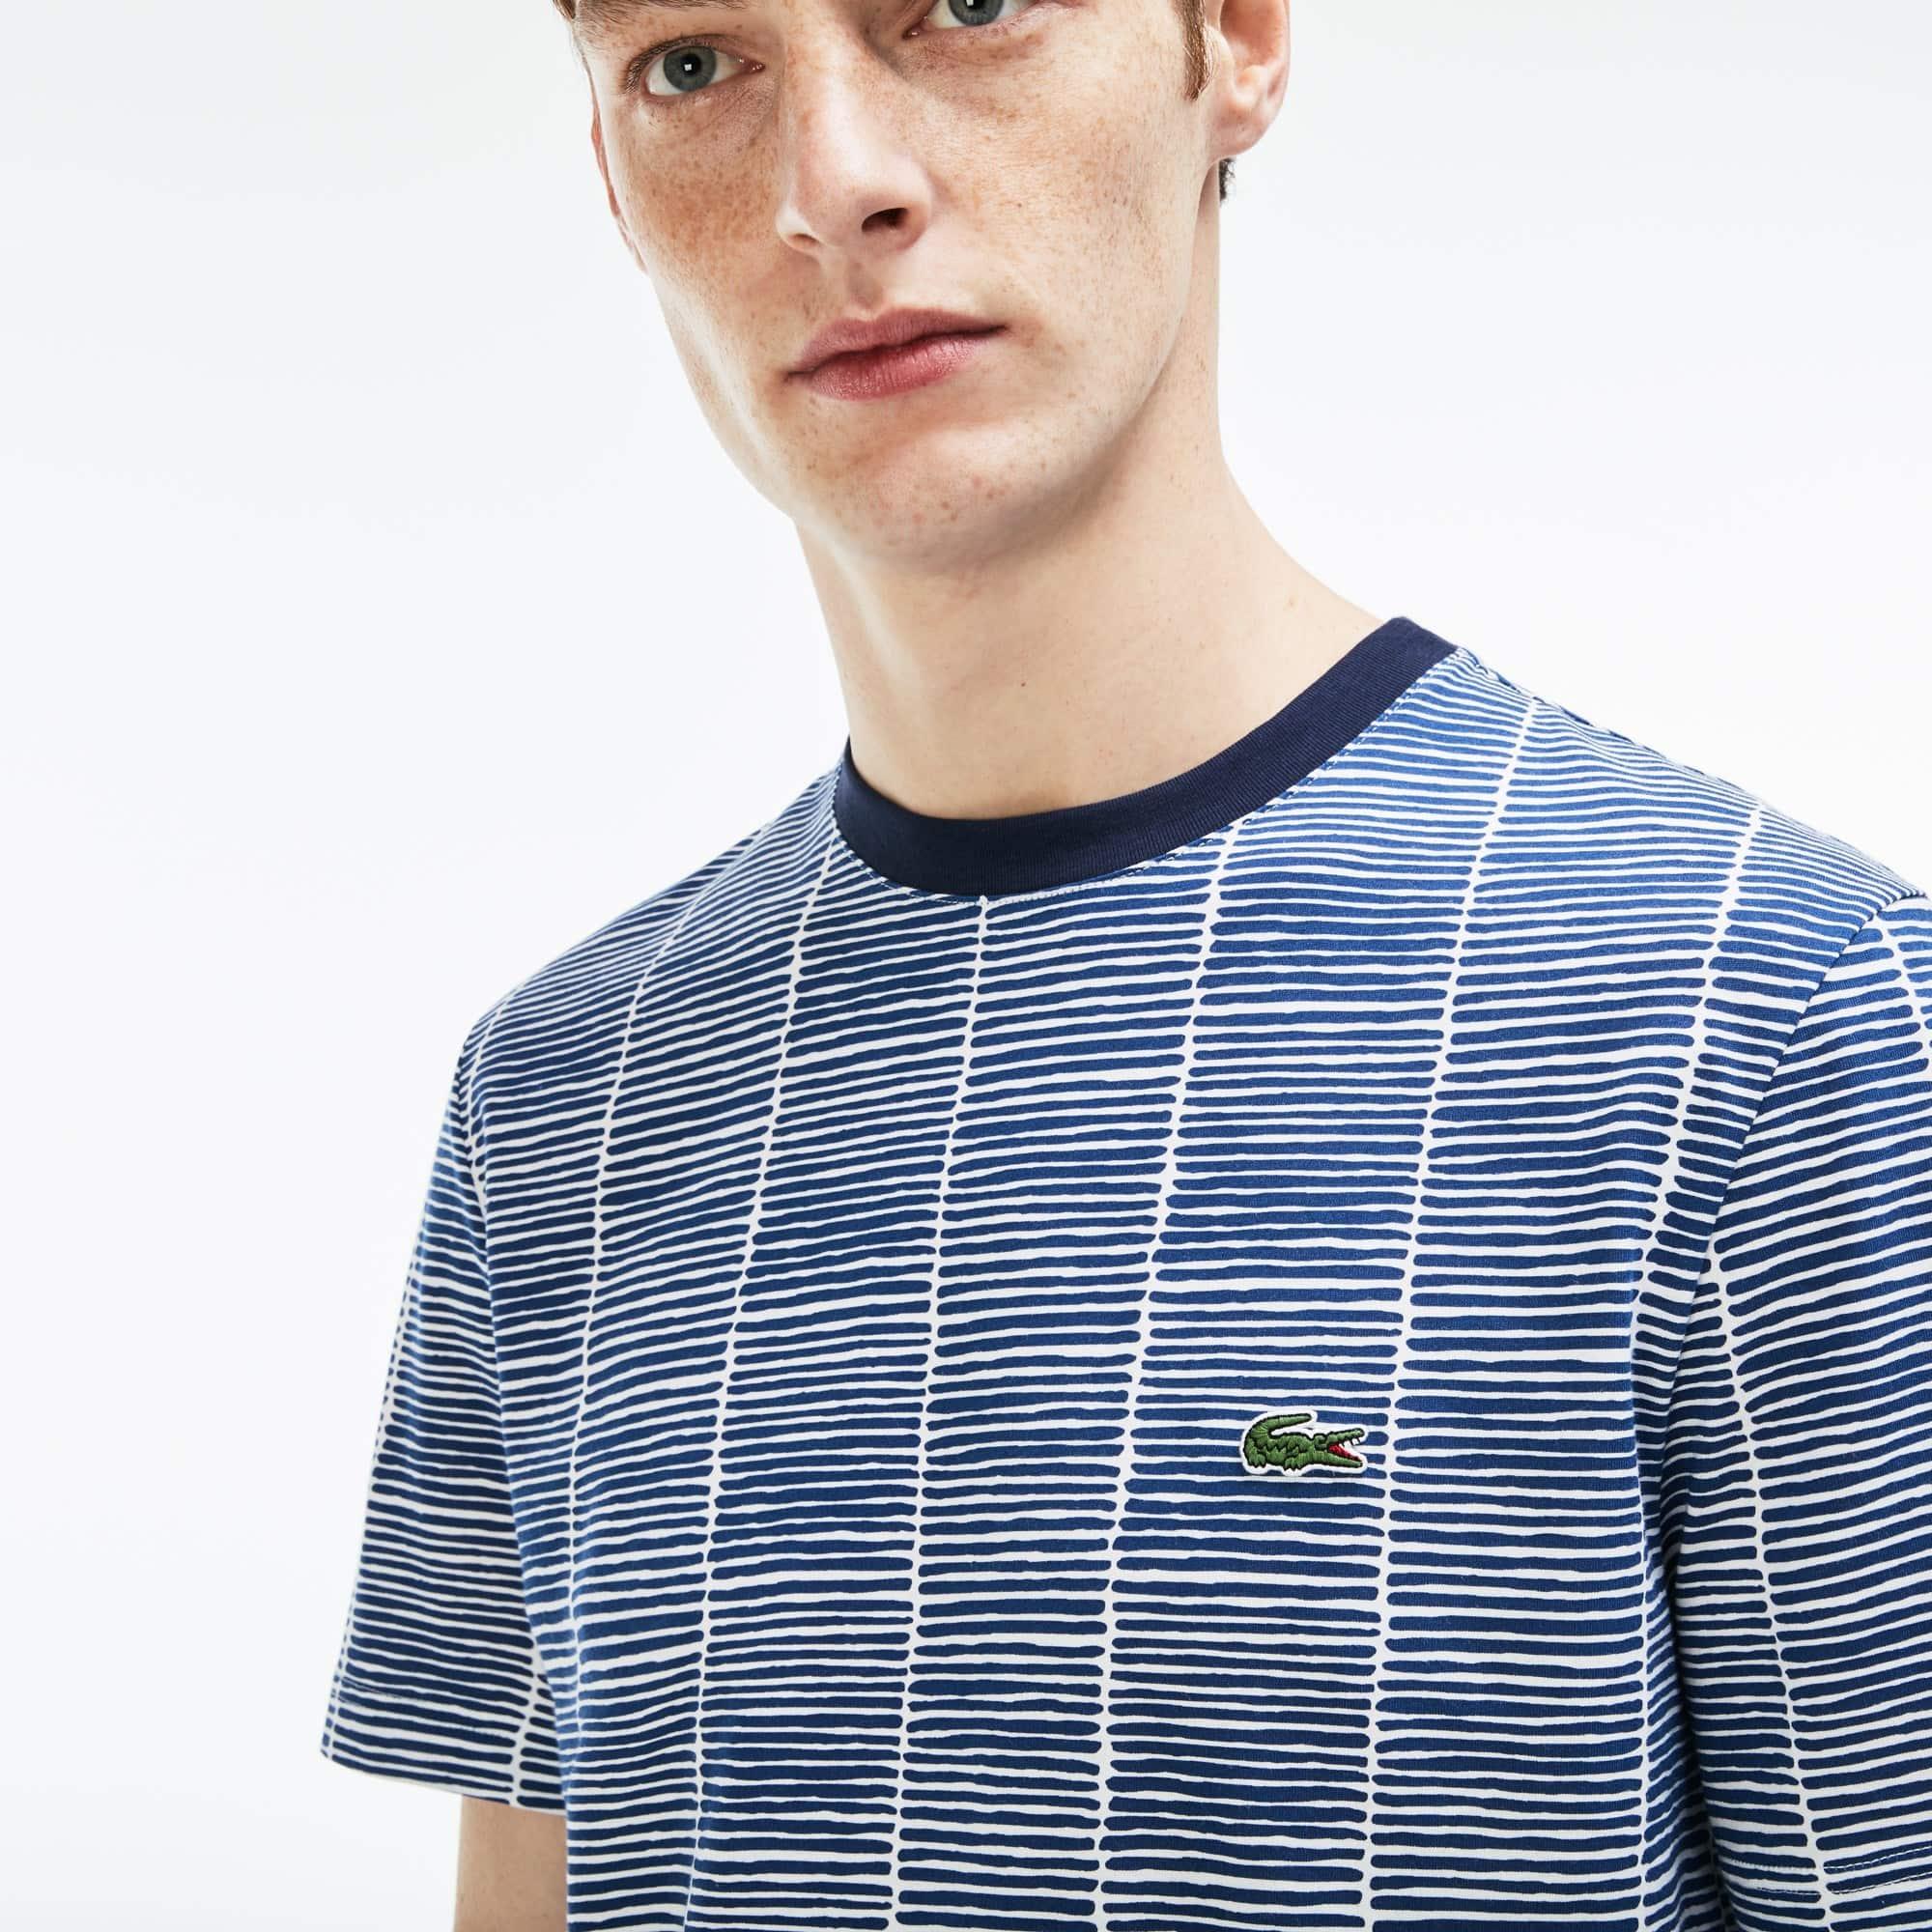 Herren Print Rundhals T-Shirt aus Baumwolljersey